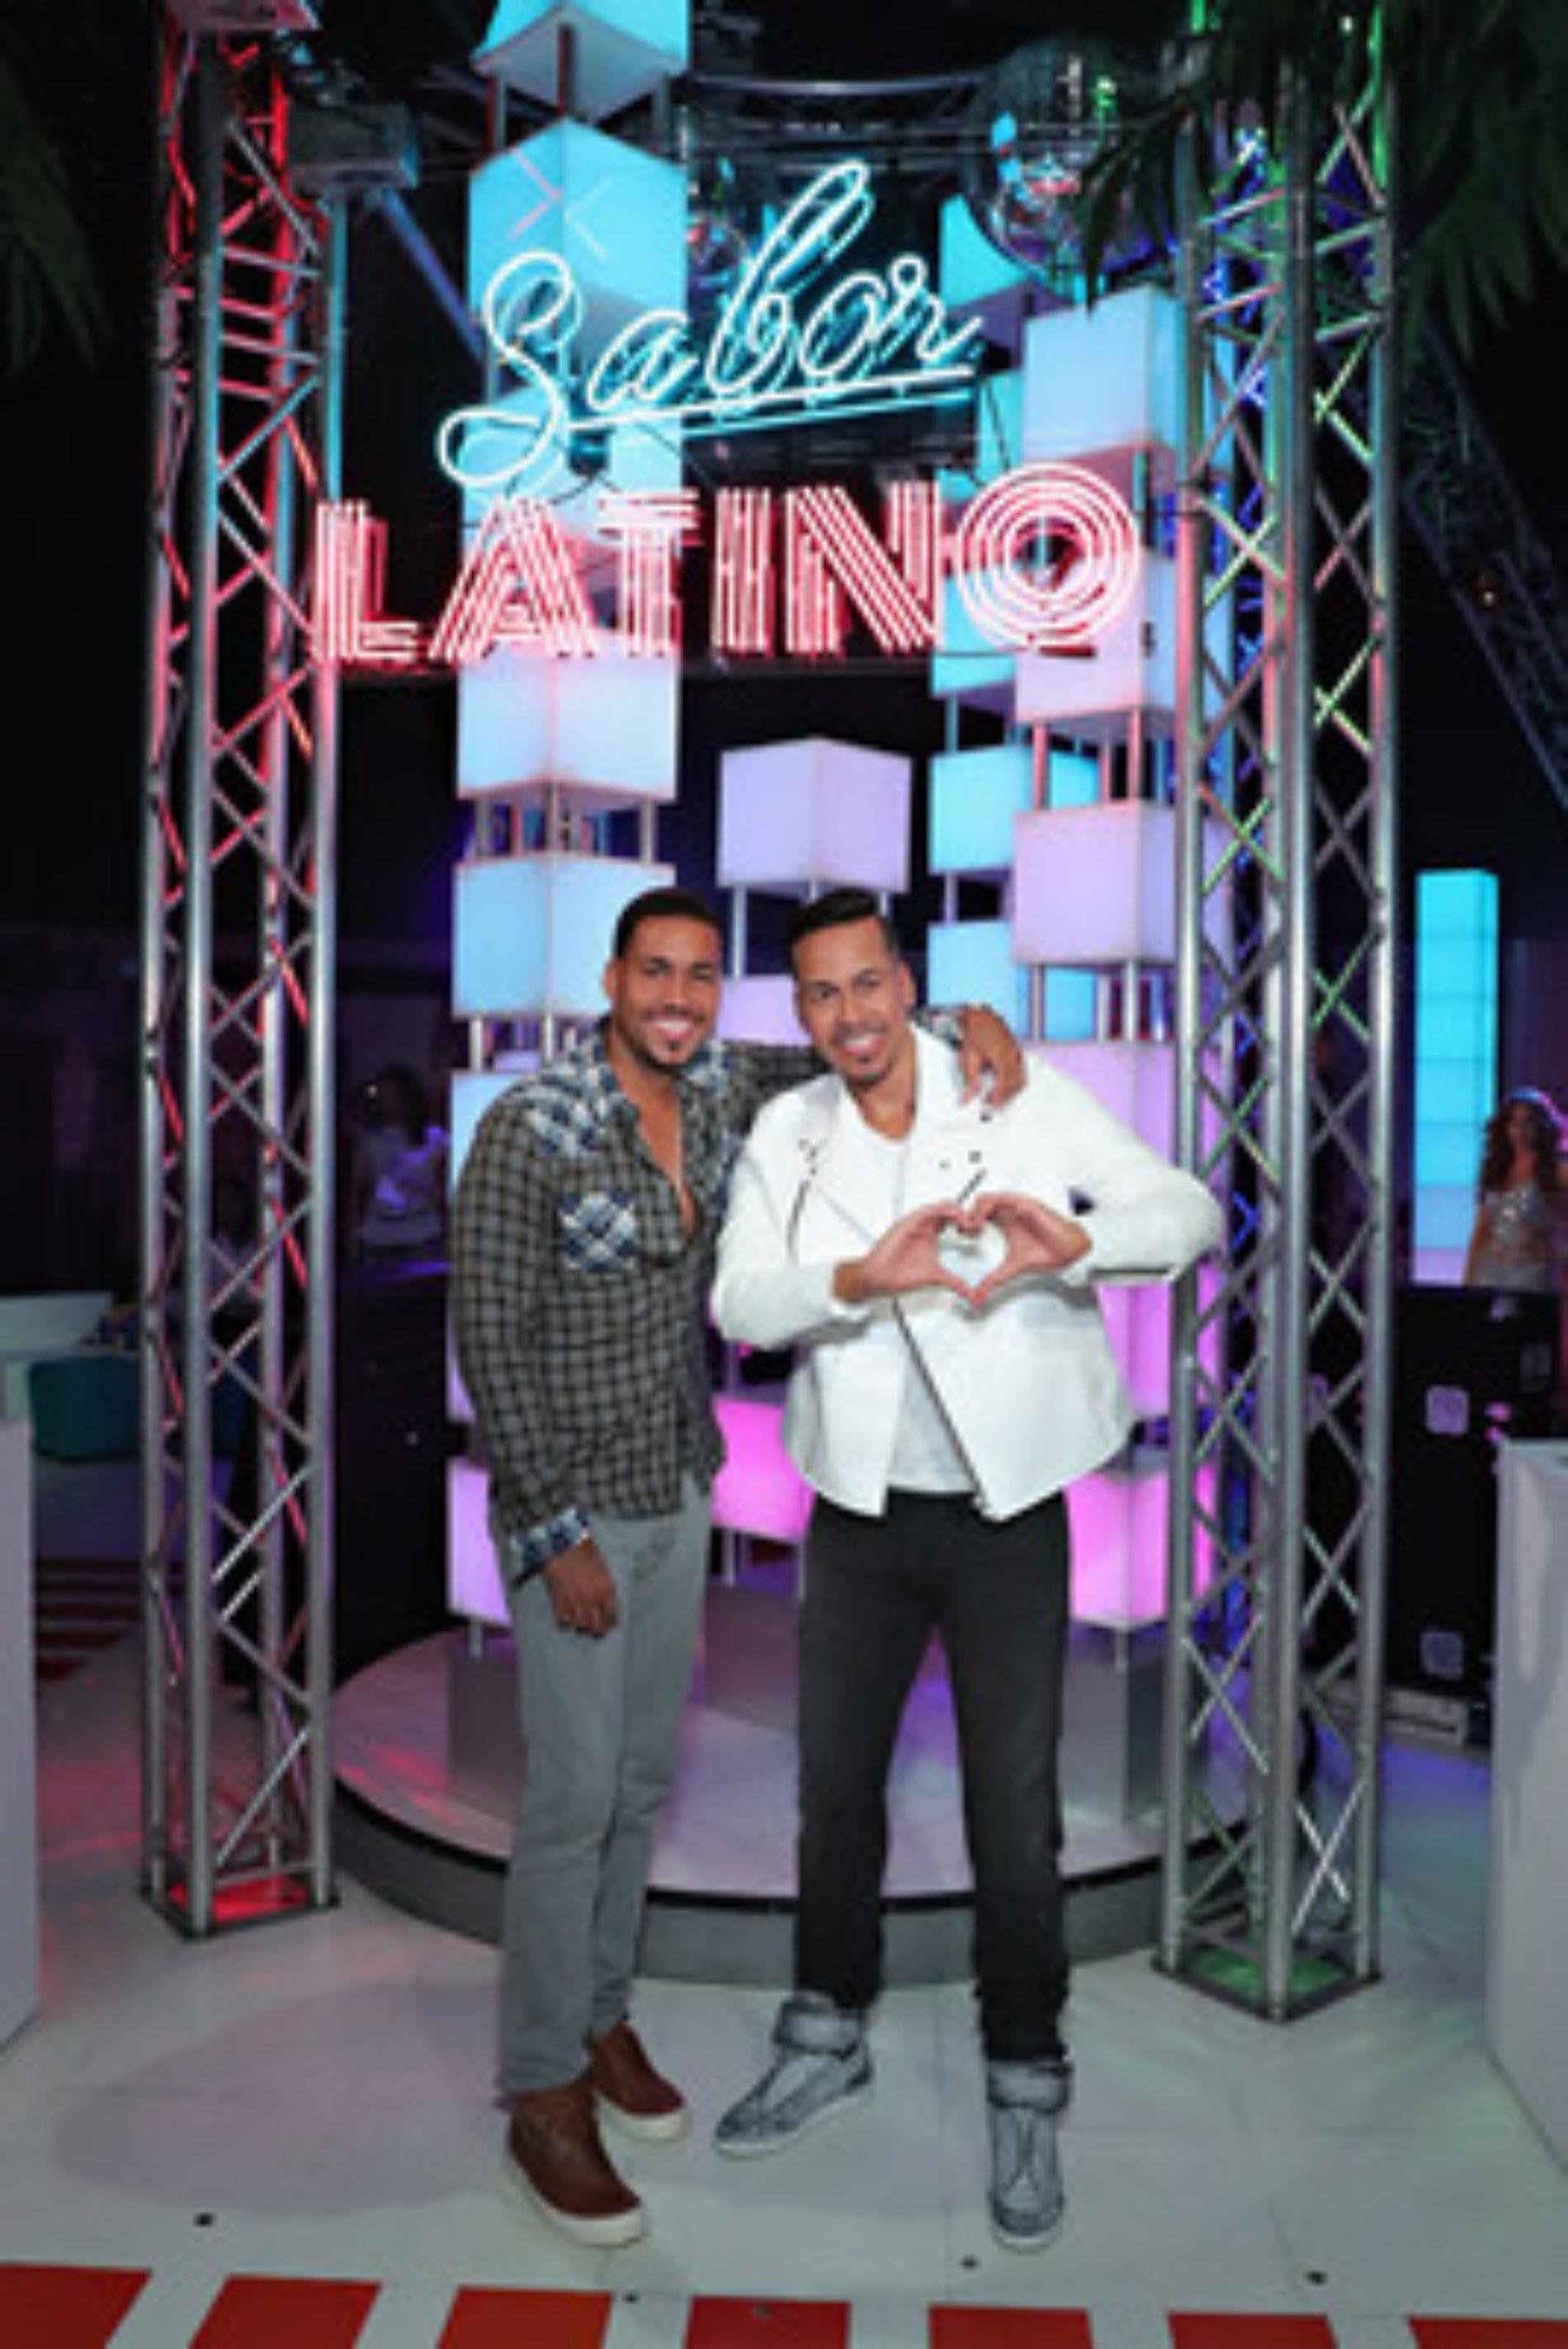 Romeo Santos y su figura de cera en Madame Tussauds New York en la inauguración de la experiencia Sabor Latino